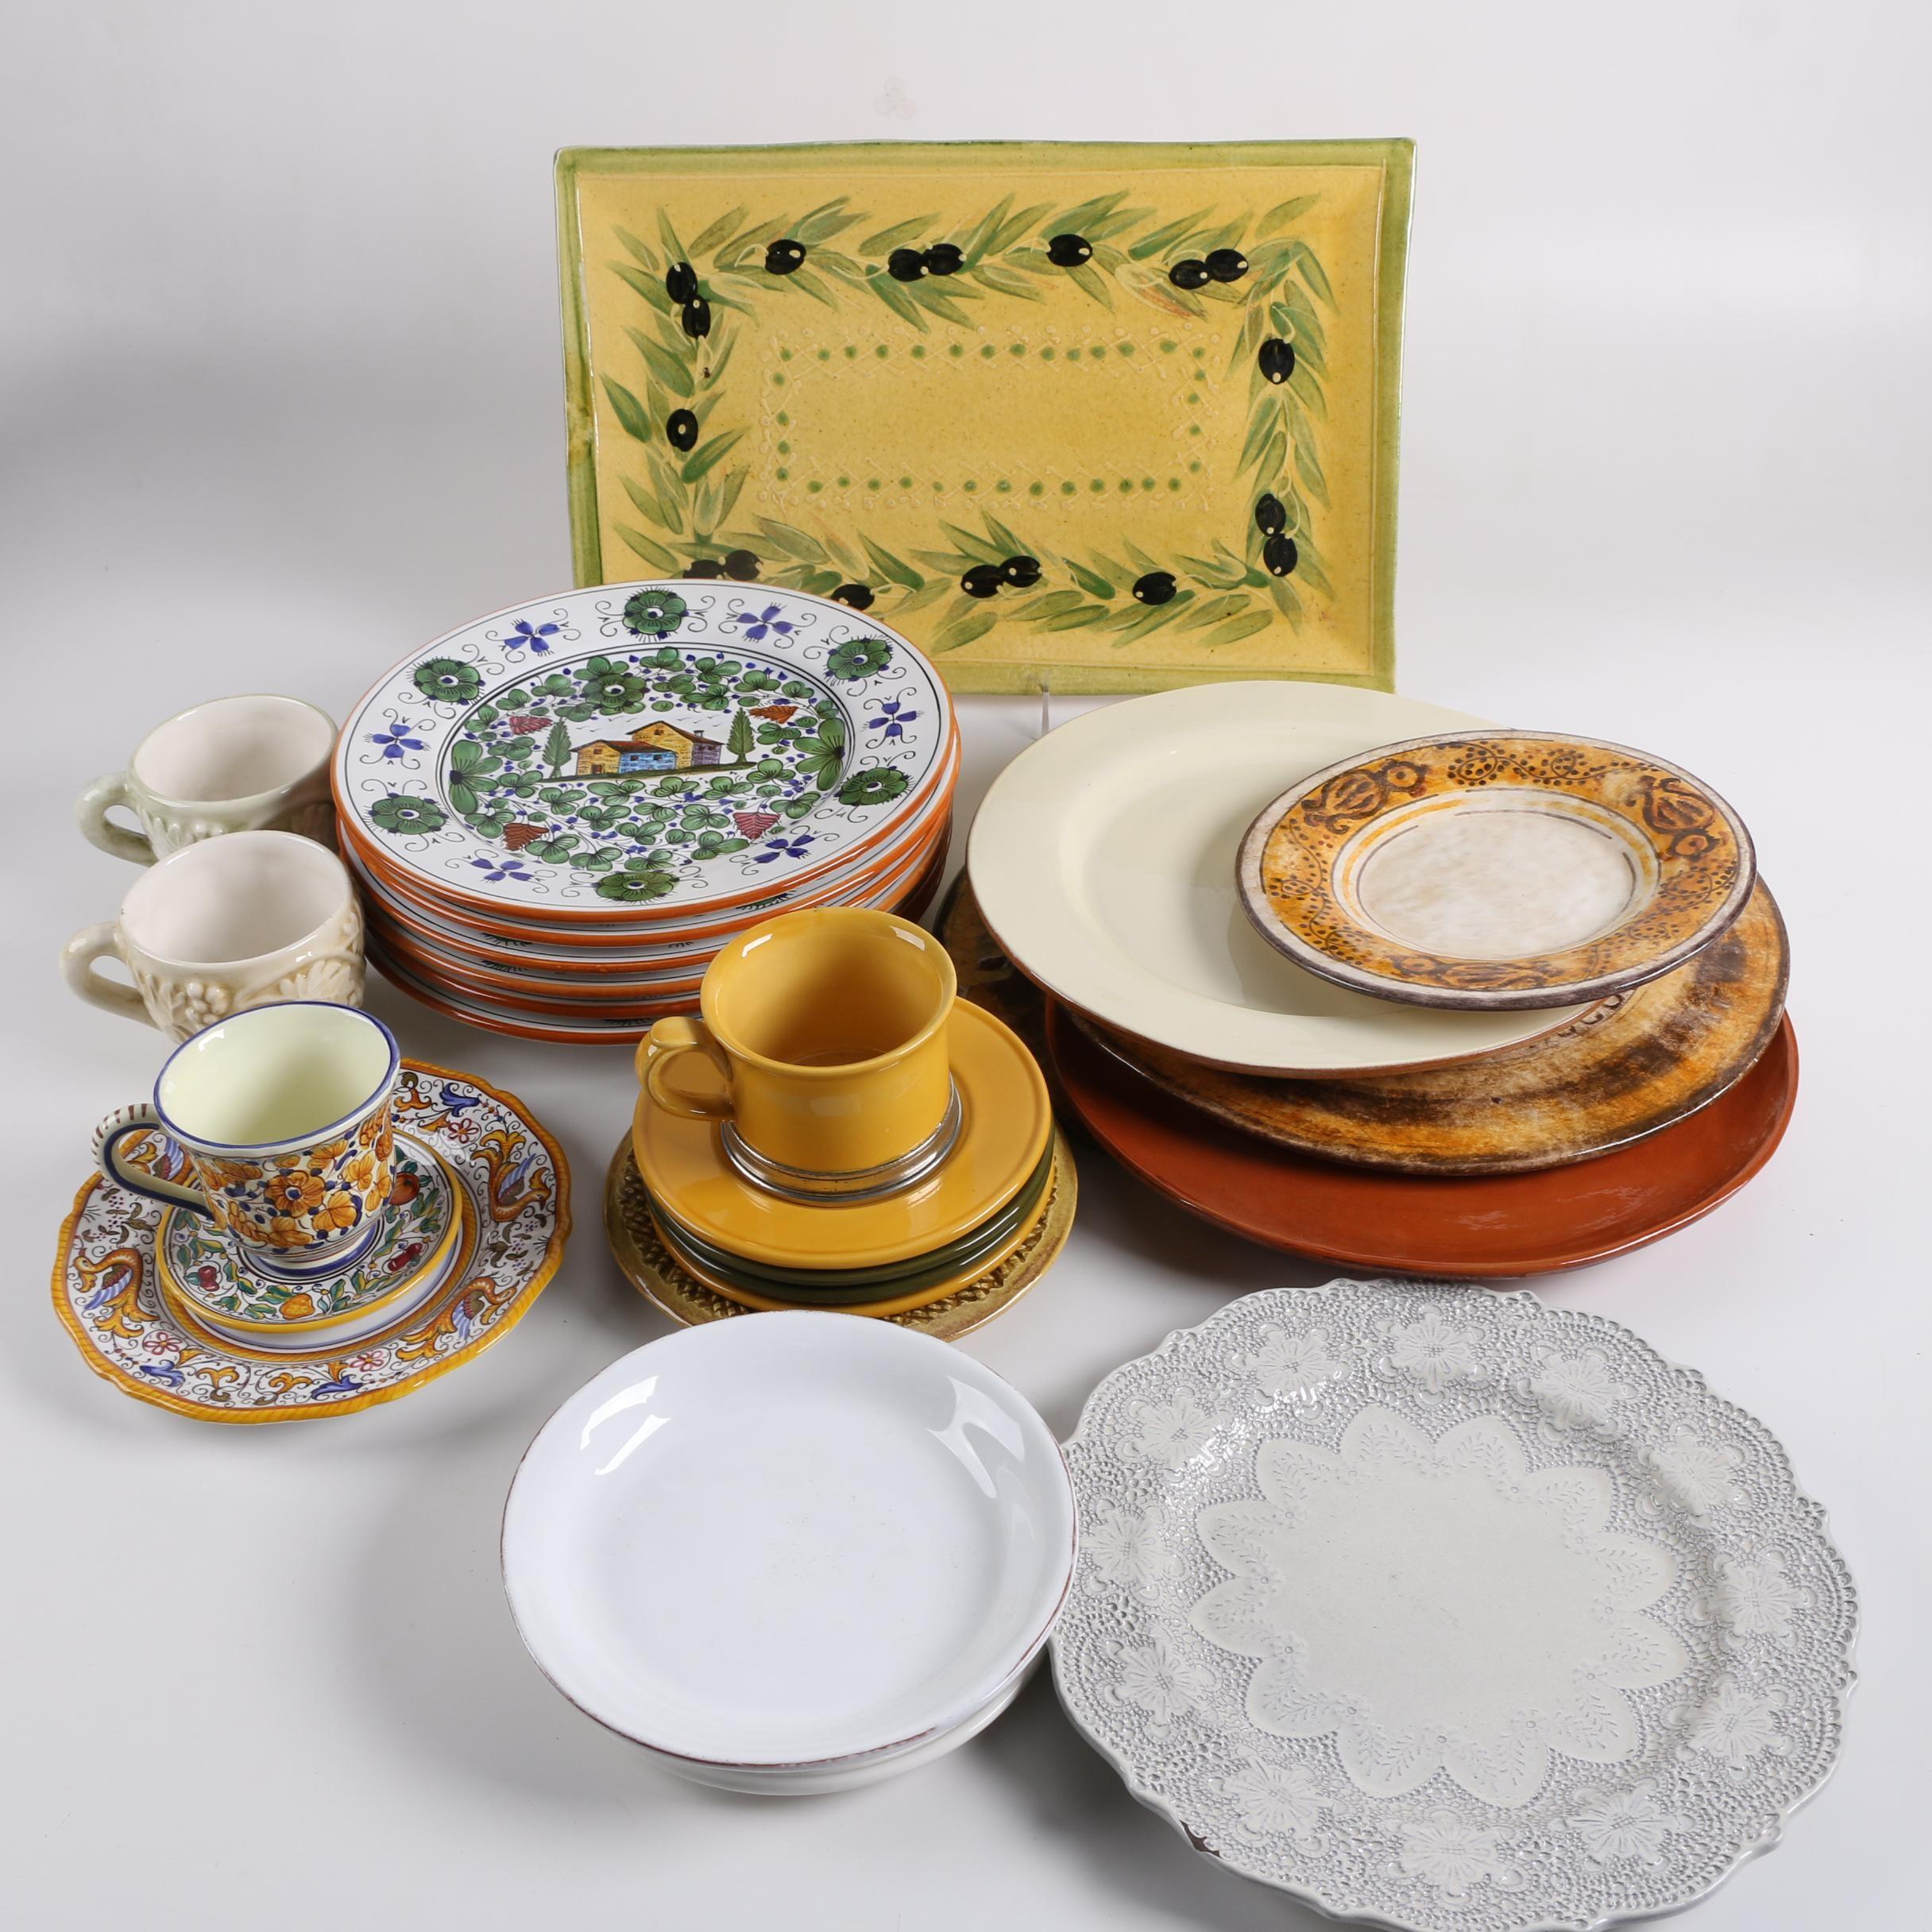 Italian Ceramic Tableware Including Hand-painted Grazia Deruta